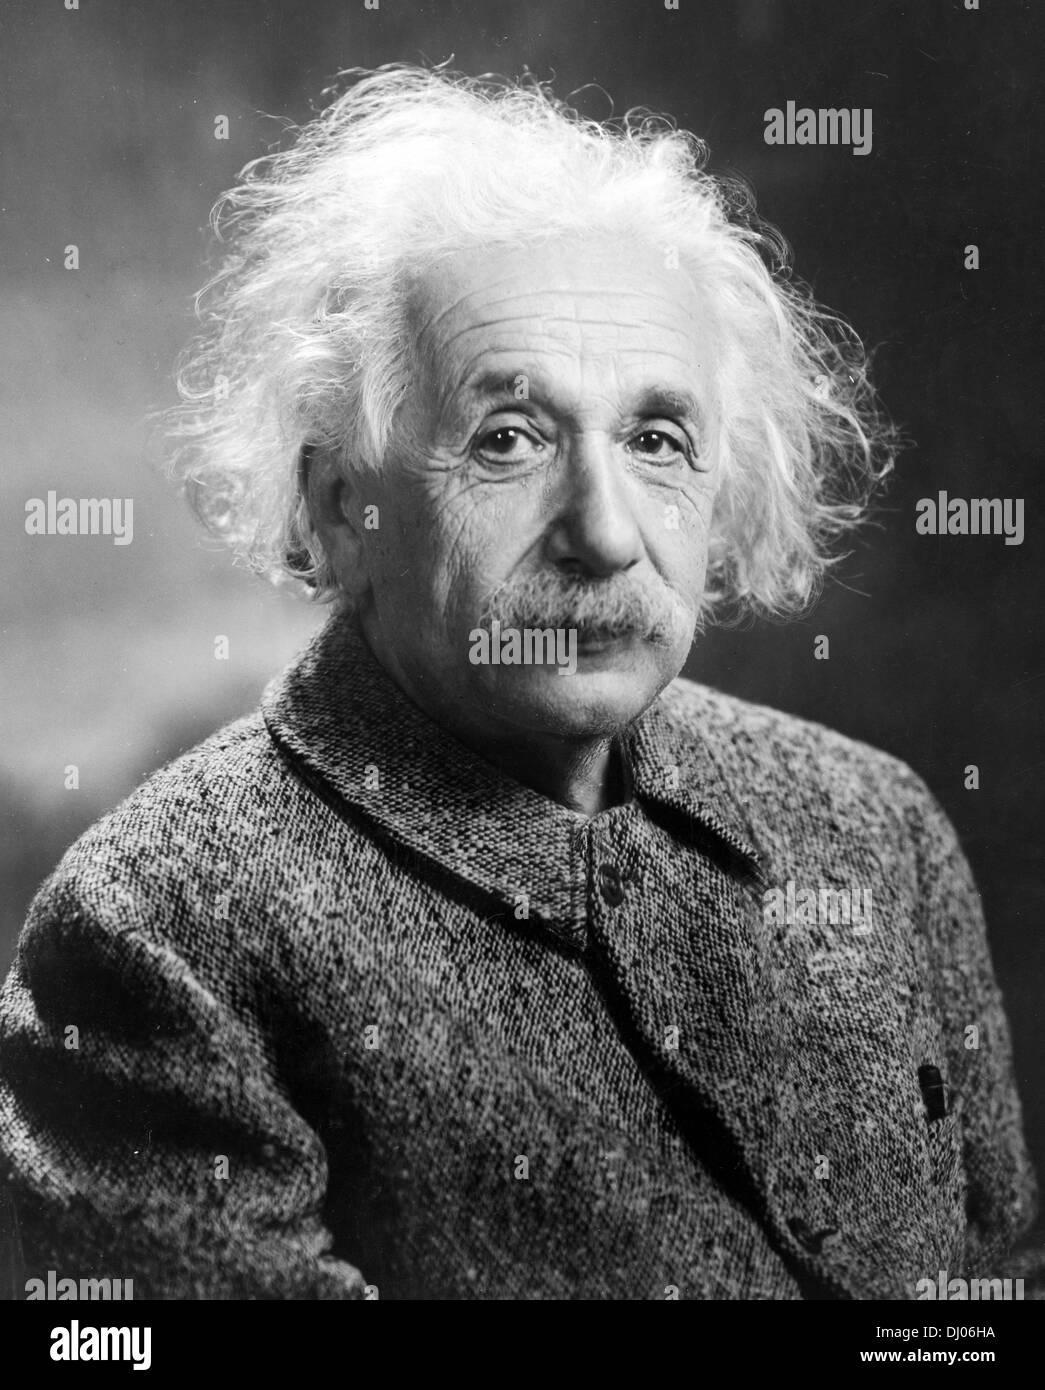 Albert Einstein, German theoretical physicist - Stock Image